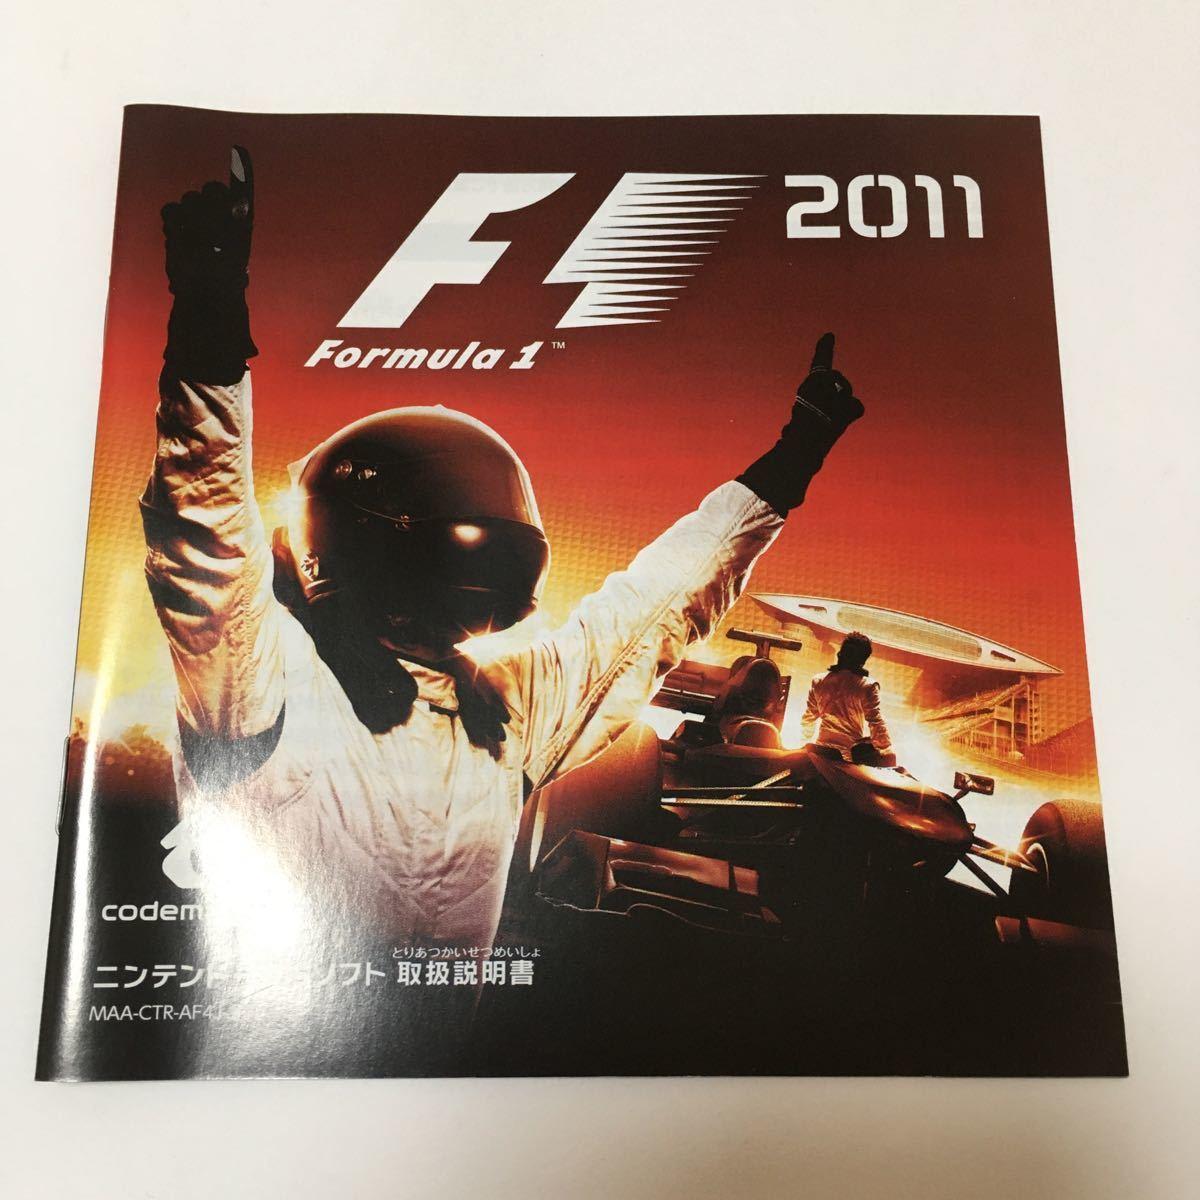 ニンテンドー3DS  ソフト f1  2011  フォーミュラ1 動作確認済み コードマスターズ スポーツ レース 任天堂